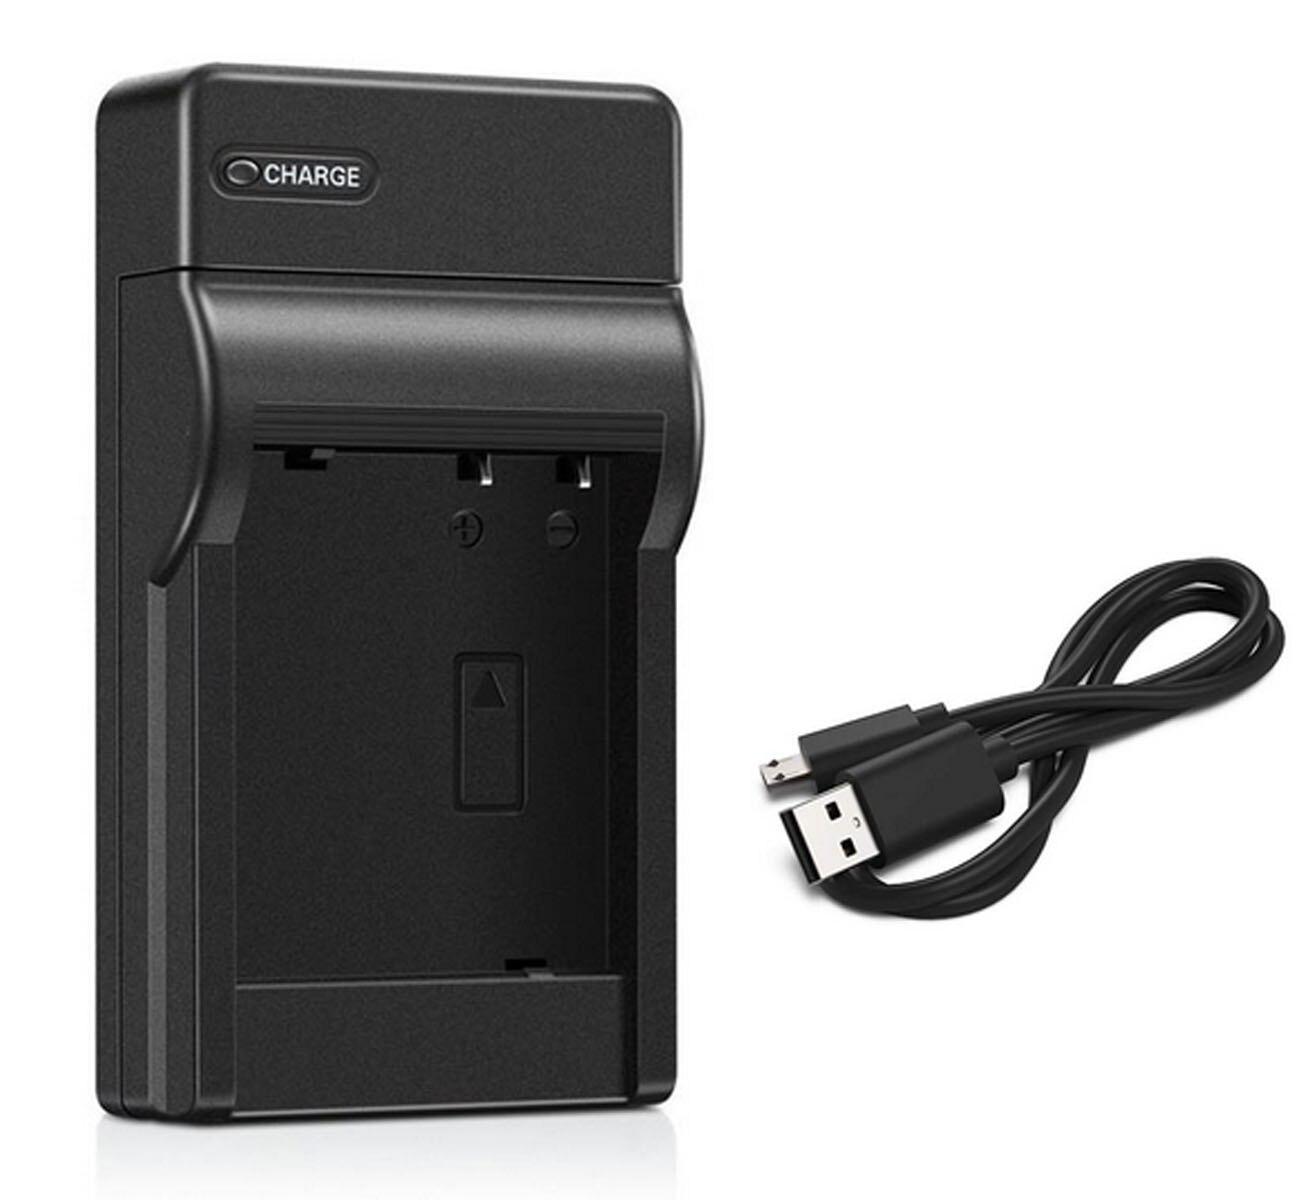 Cargador de batería para videocámara Sony HVR-HD1000E, HVR-A1E, HVR-V1E, HVR-Z1E, HVR-Z5E, HVR-Z7E...